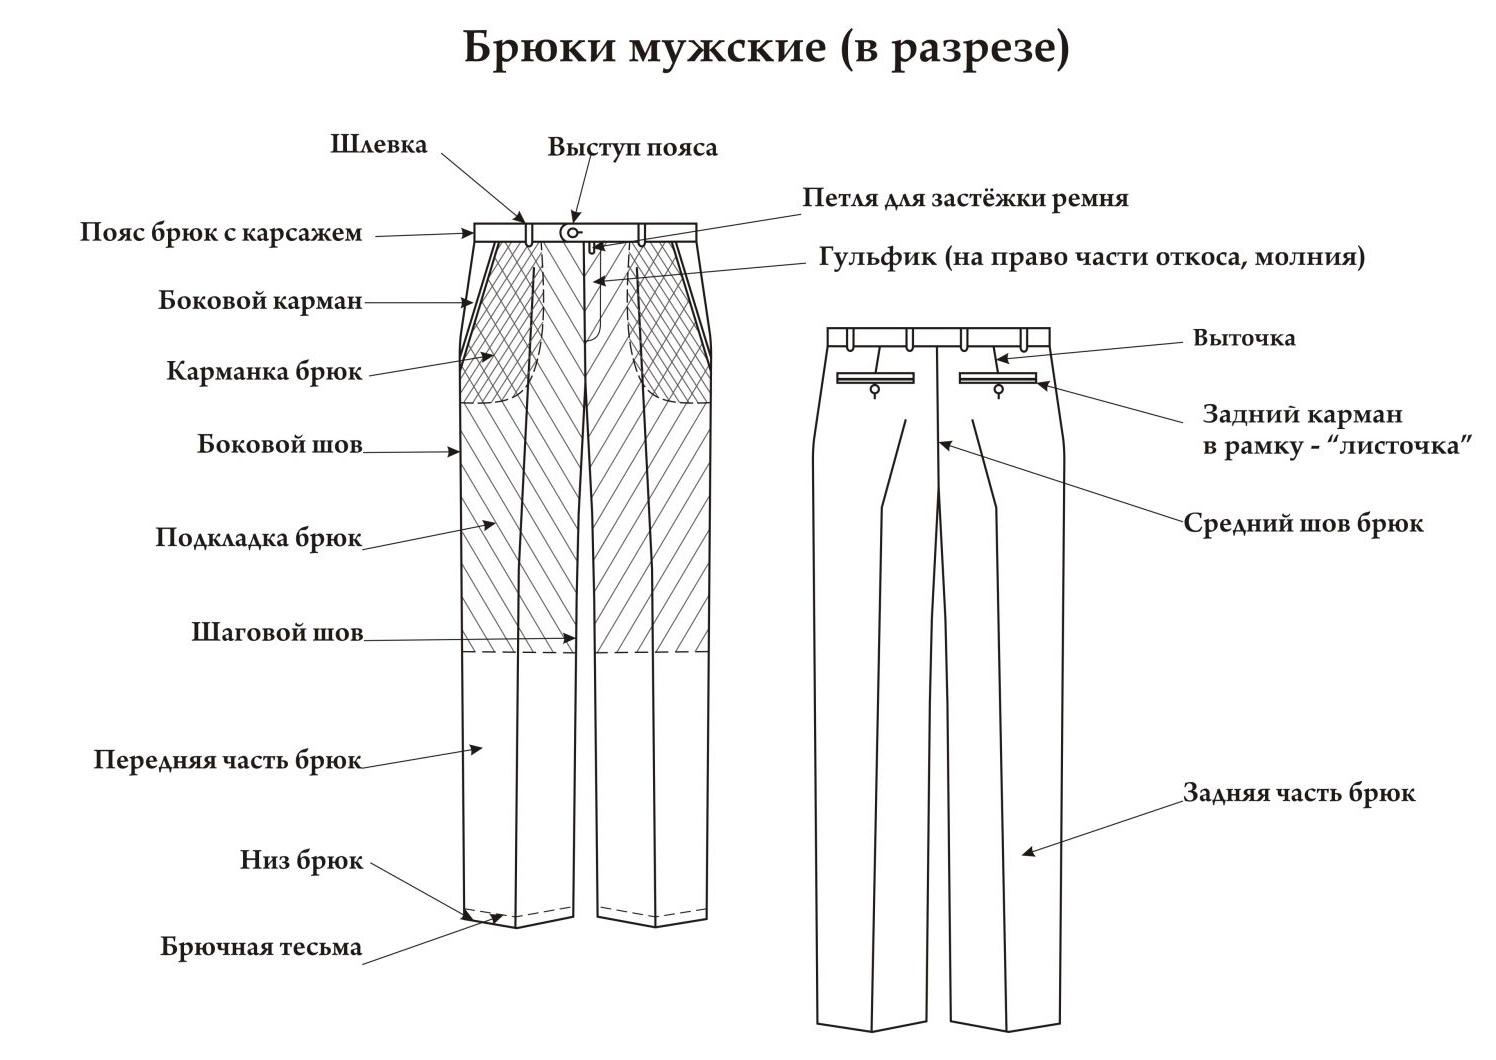 Основные элементы мужских брюк